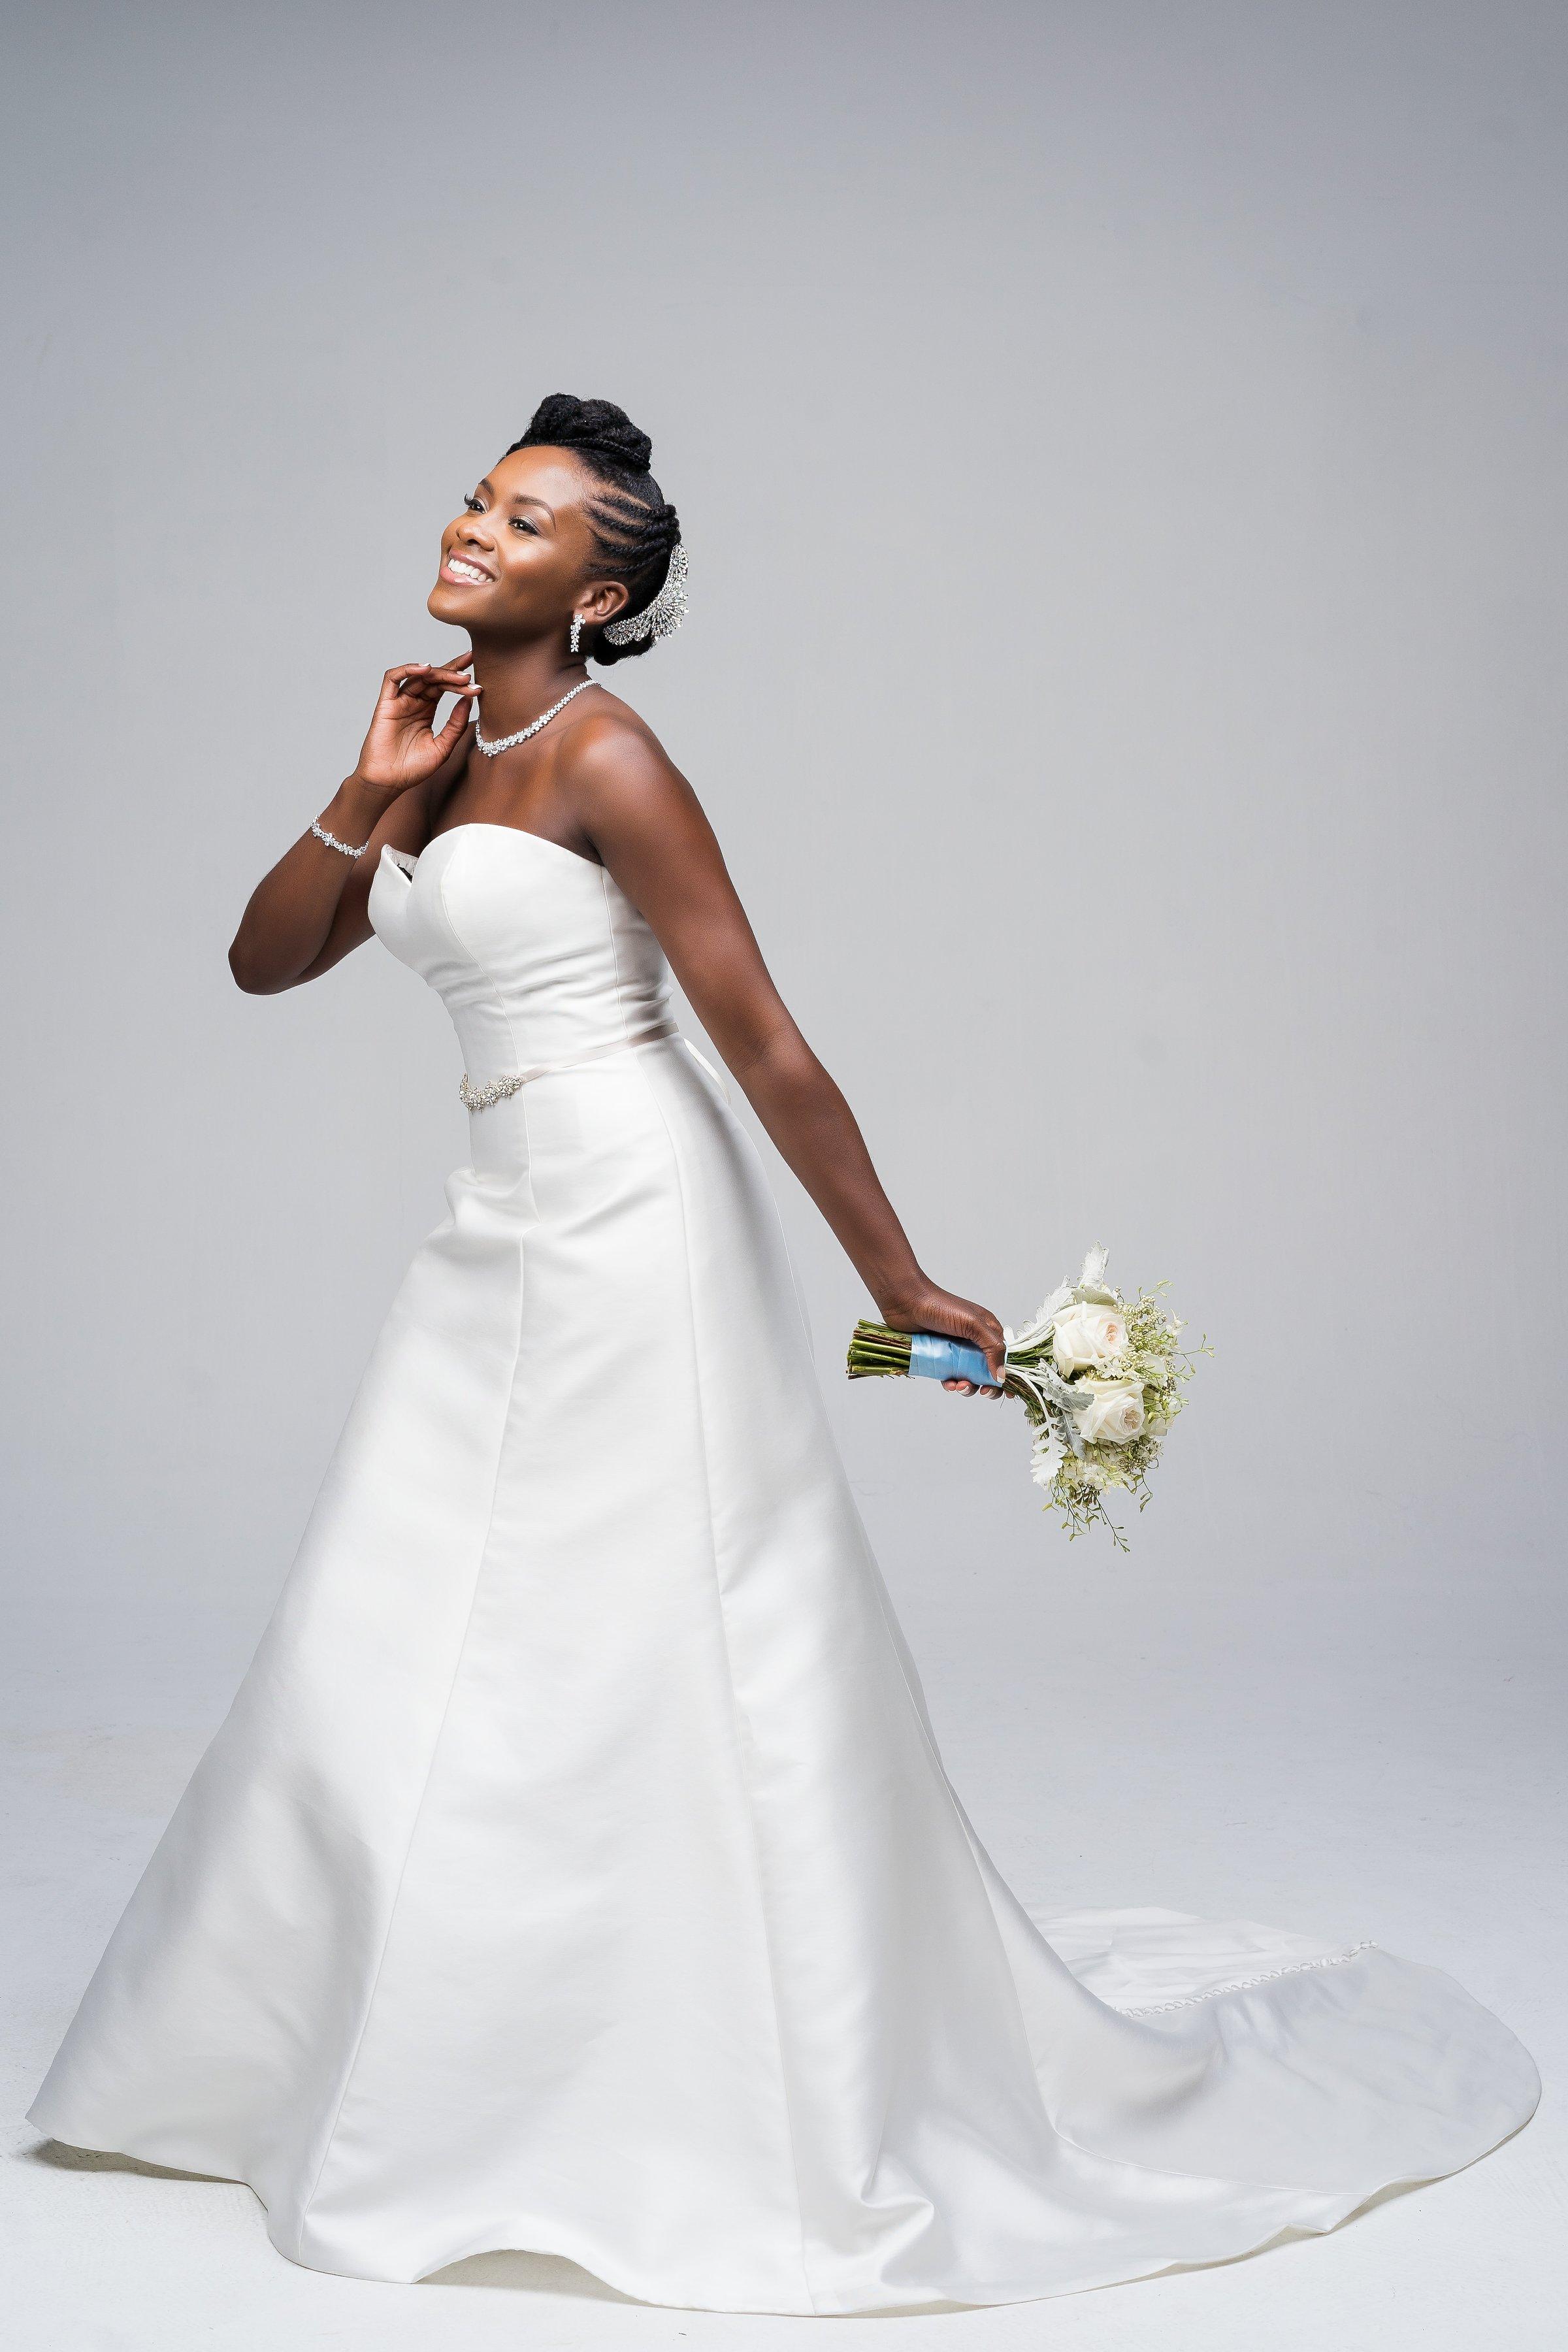 bridemua.JPG